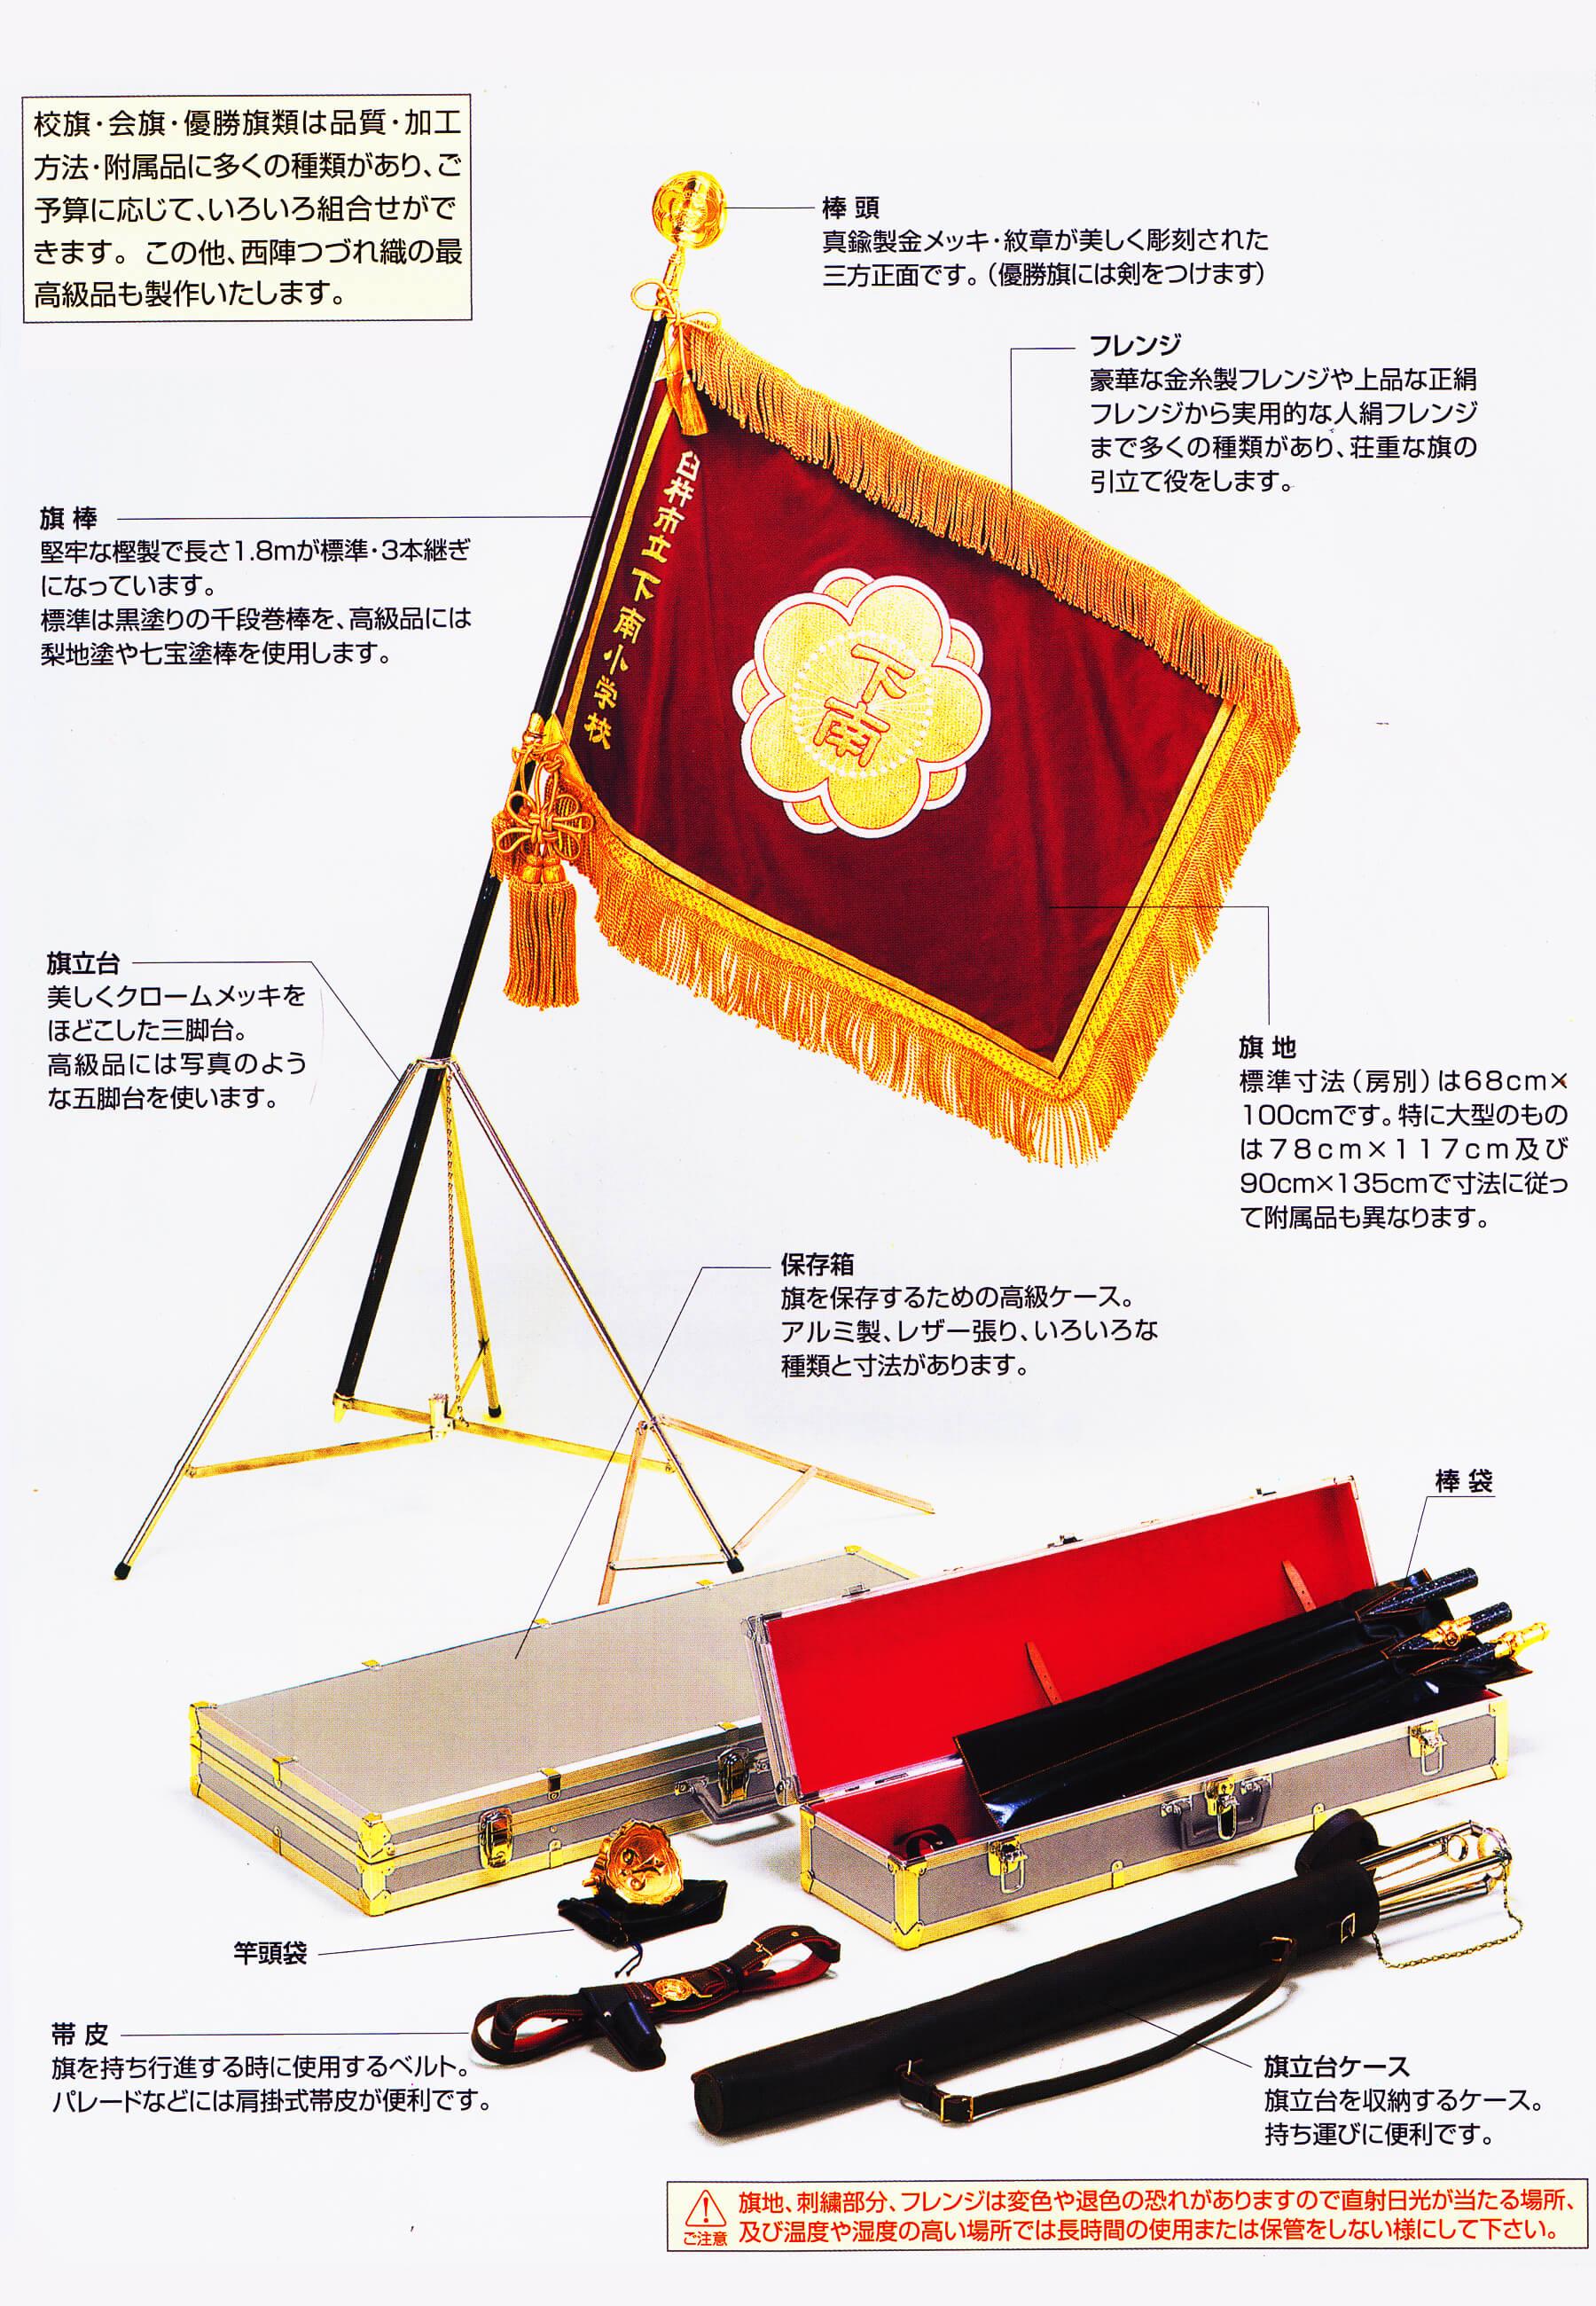 オリジナルの旗・付属品のサンプル写真